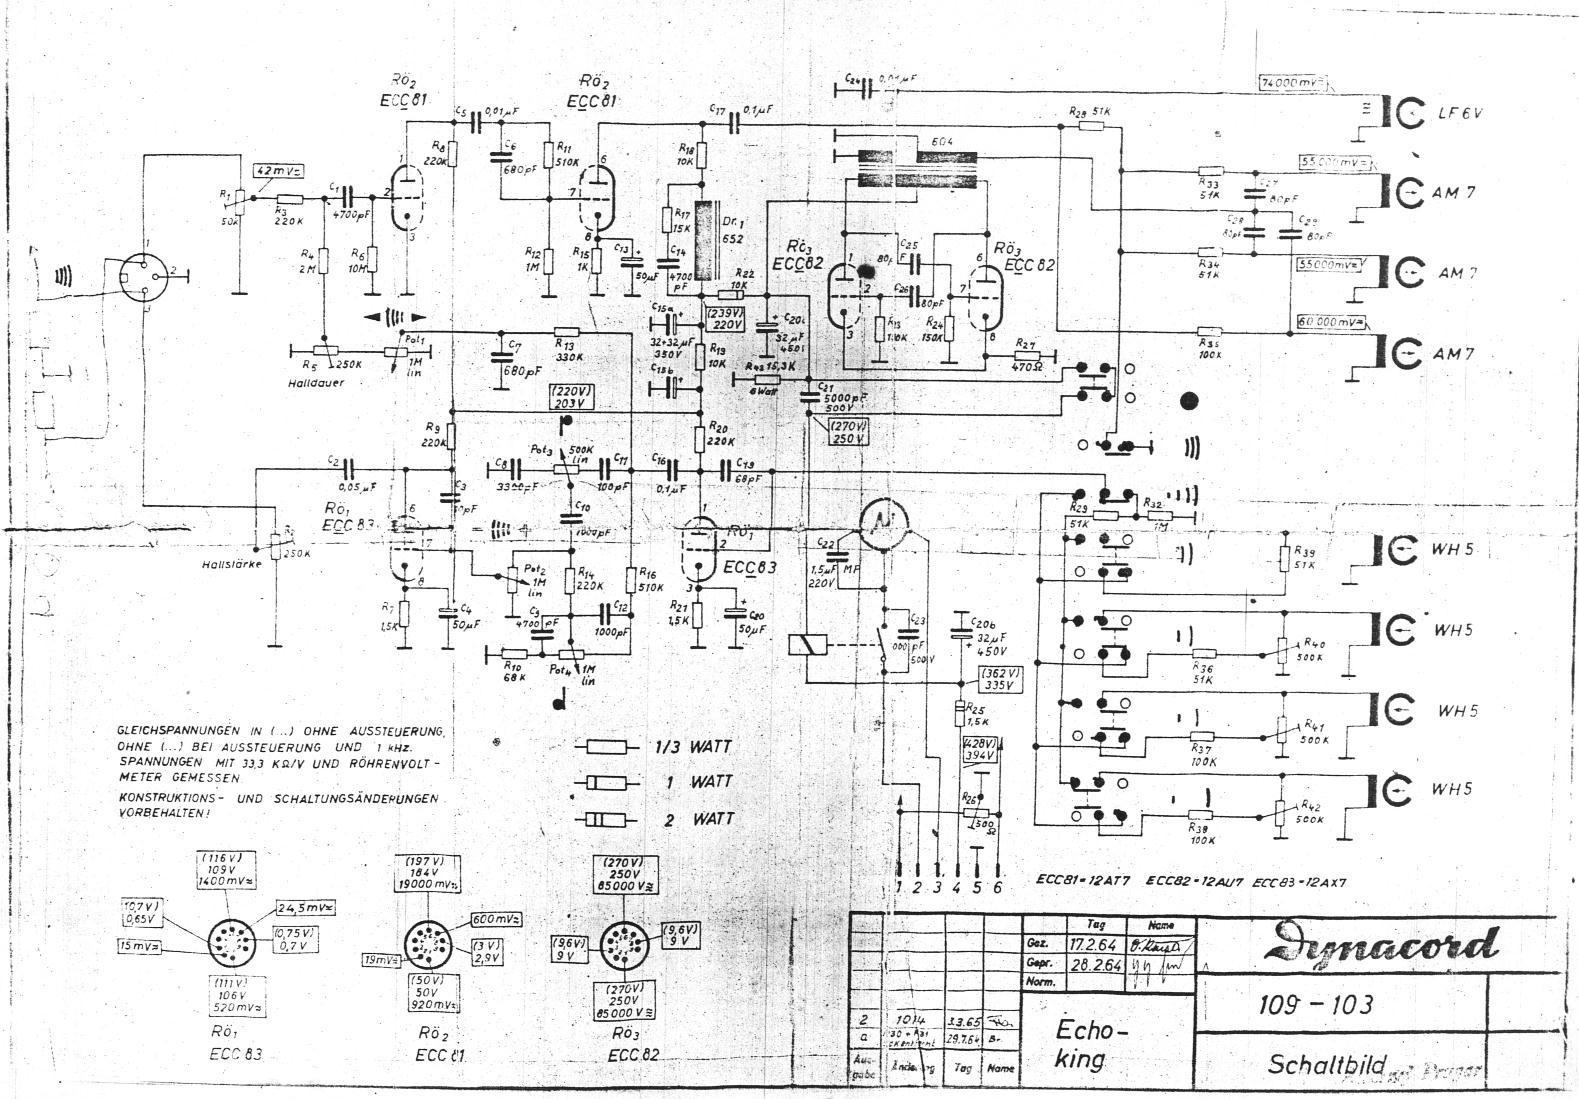 Wunderbar 520 Jcb Schaltplan Bilder - Elektrische Schaltplan-Ideen ...